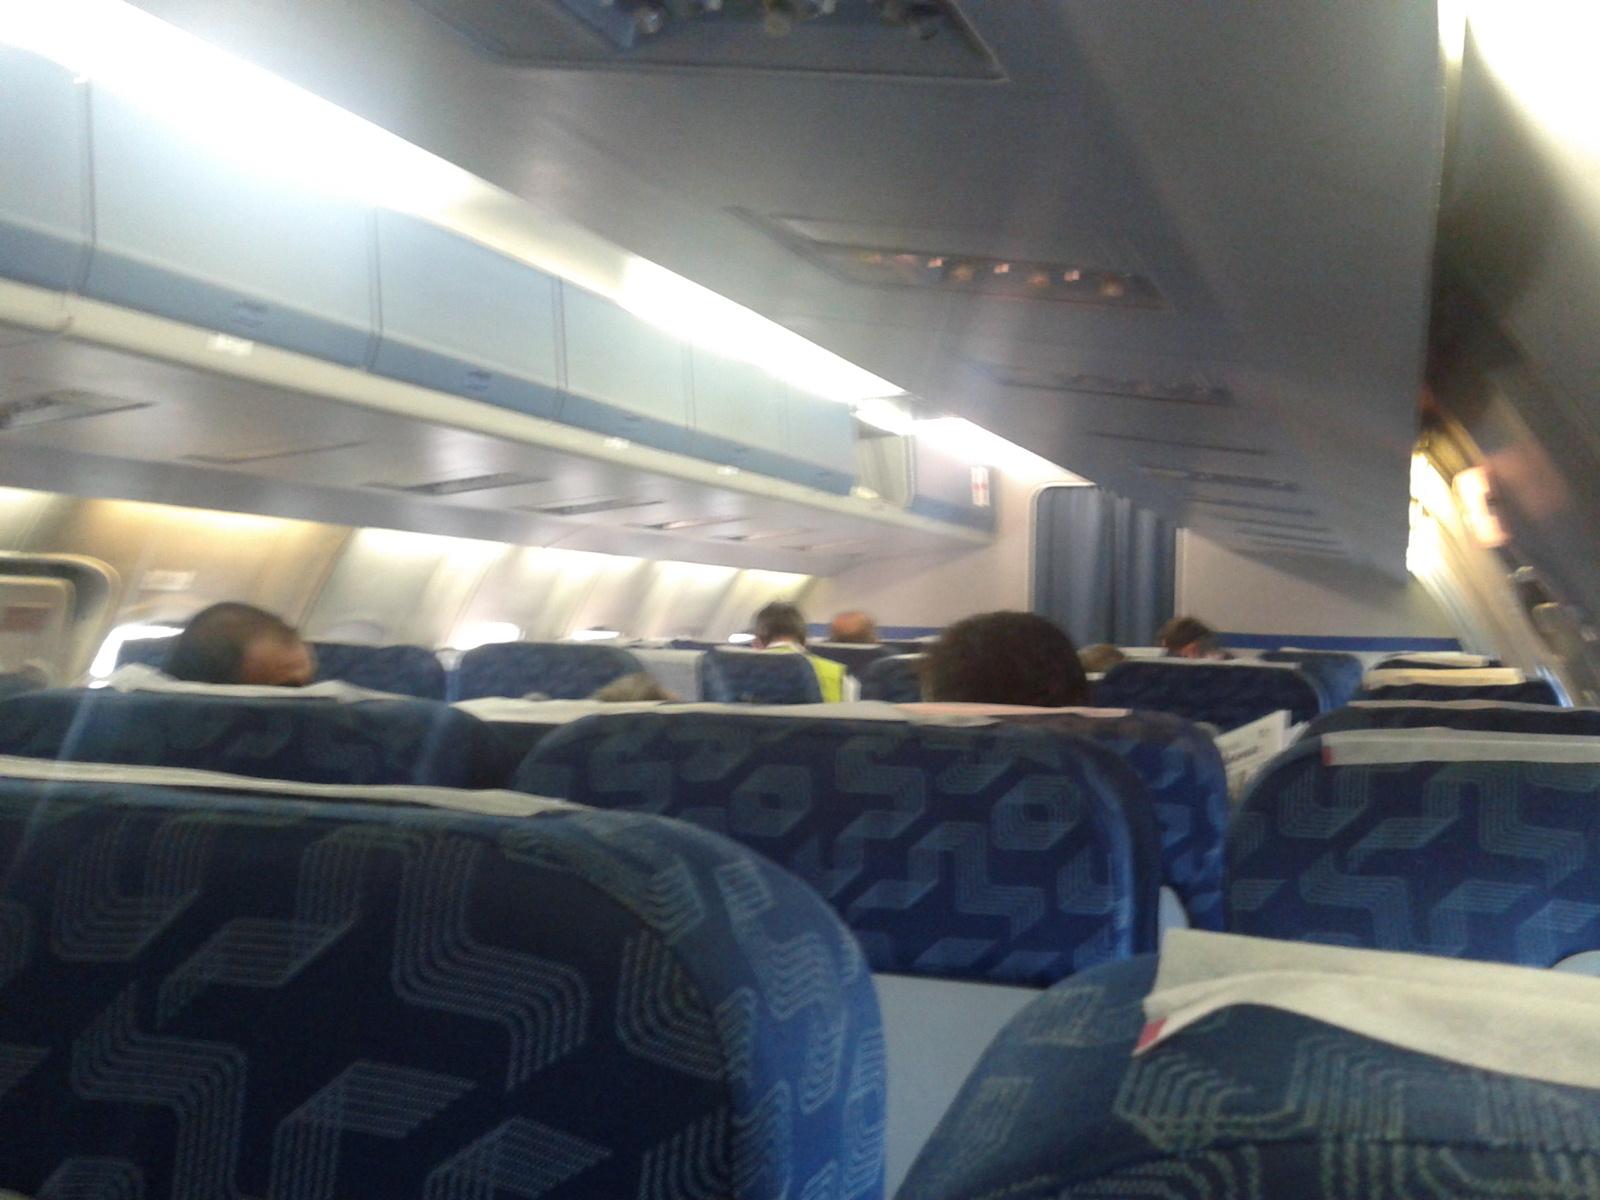 Салон самолета Як-42 авиакомпании Ижавиа